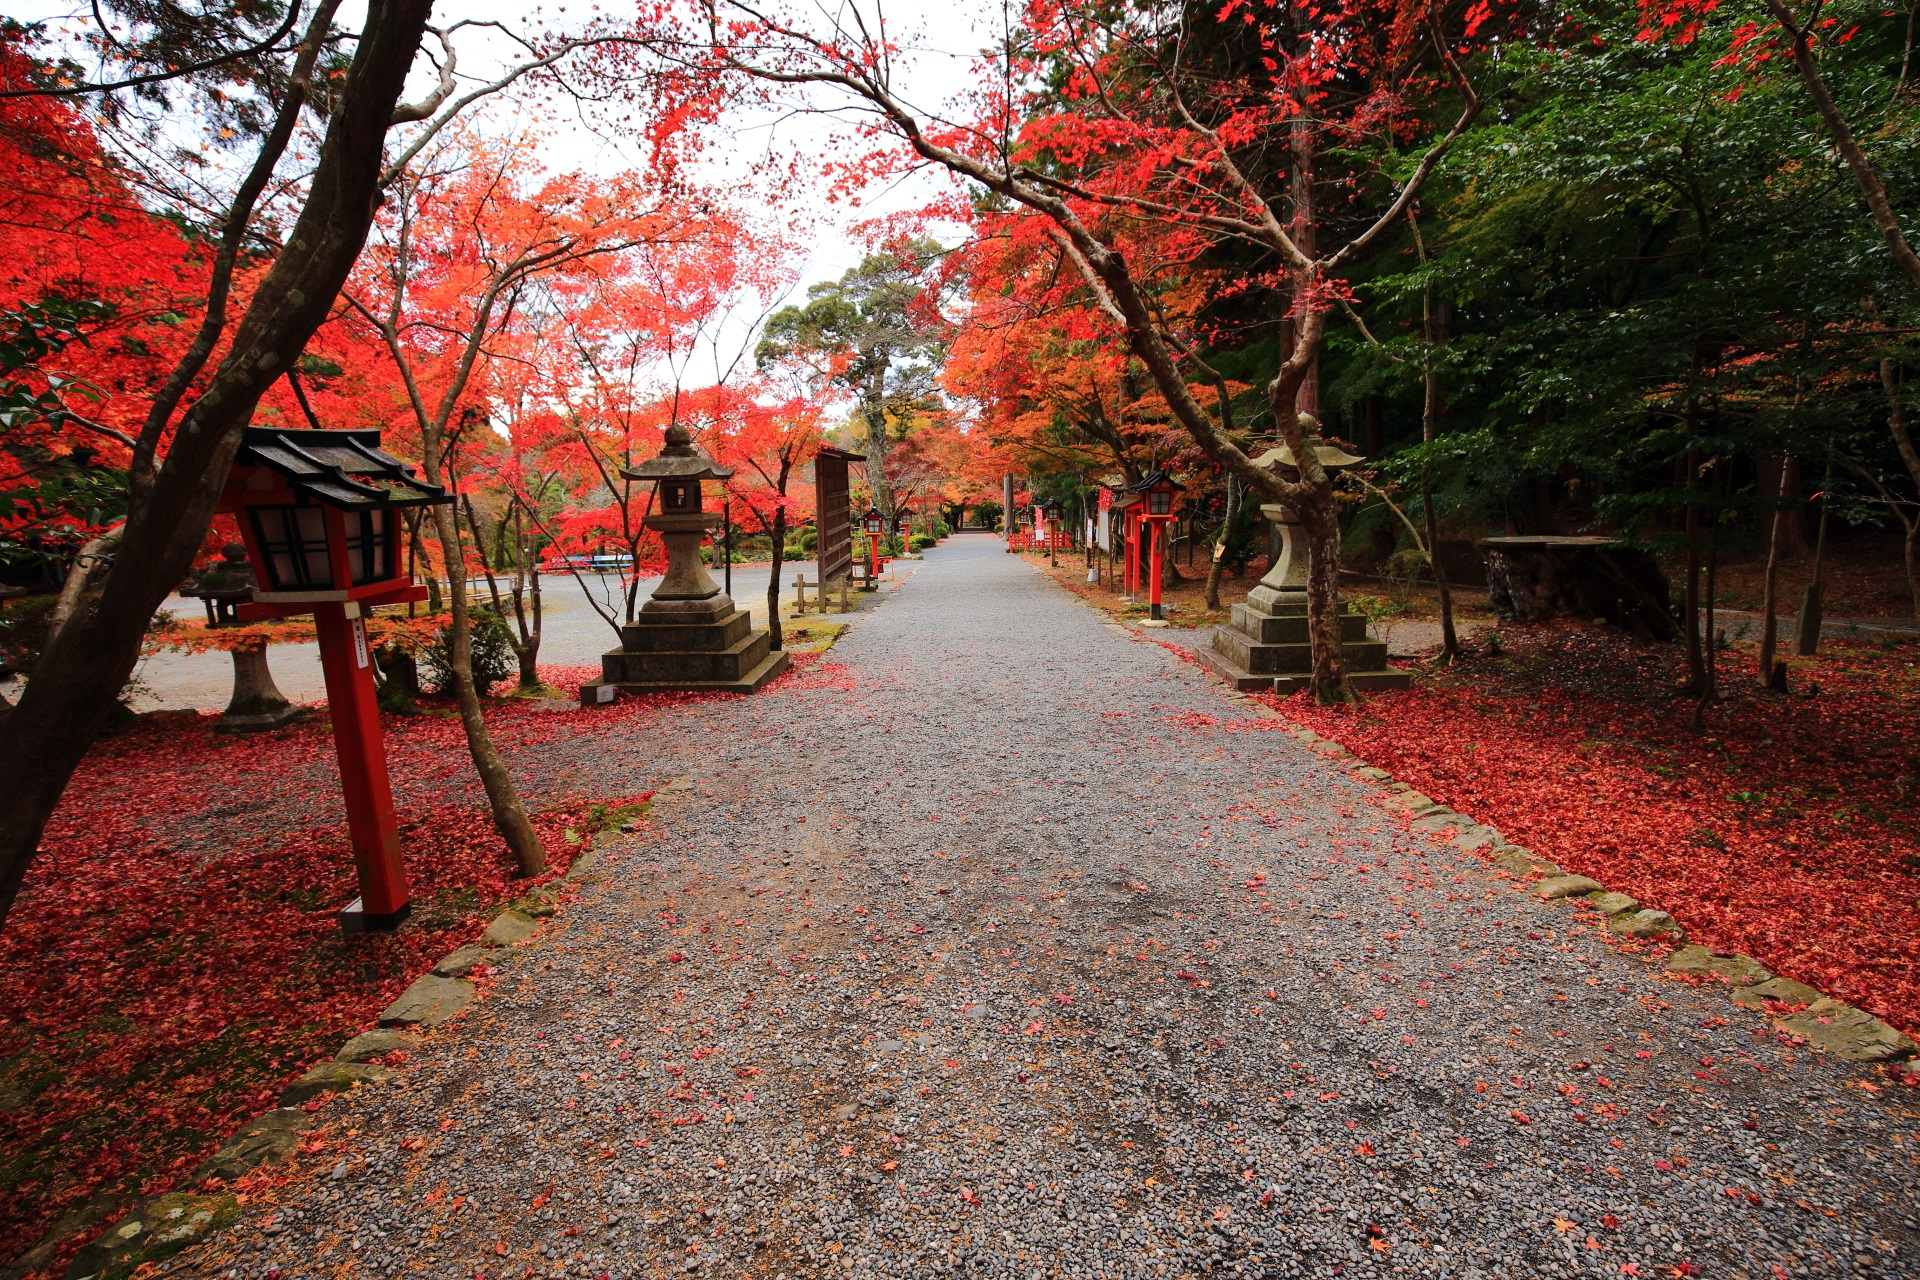 振り返ると続く大原野神社の長い紅葉の参道